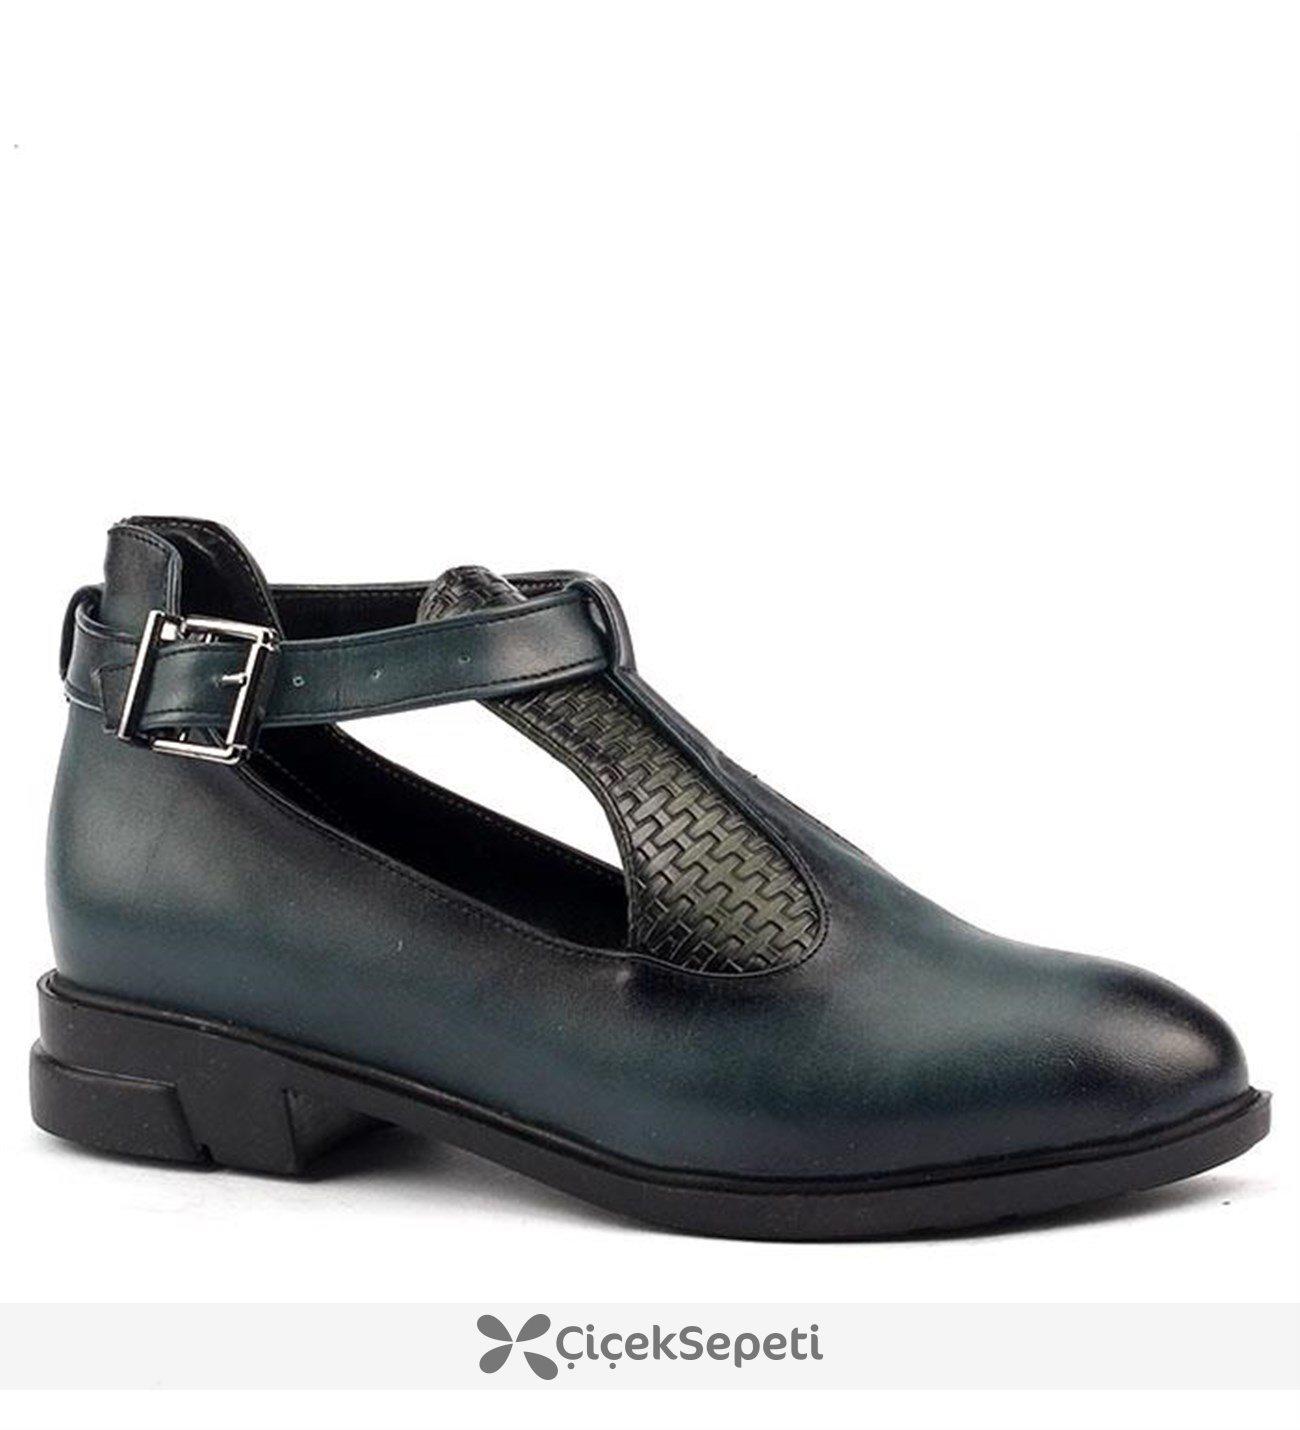 Ayakland 132 Günlük Bilekten Kemerli Bayan Cilt Ayakkabı